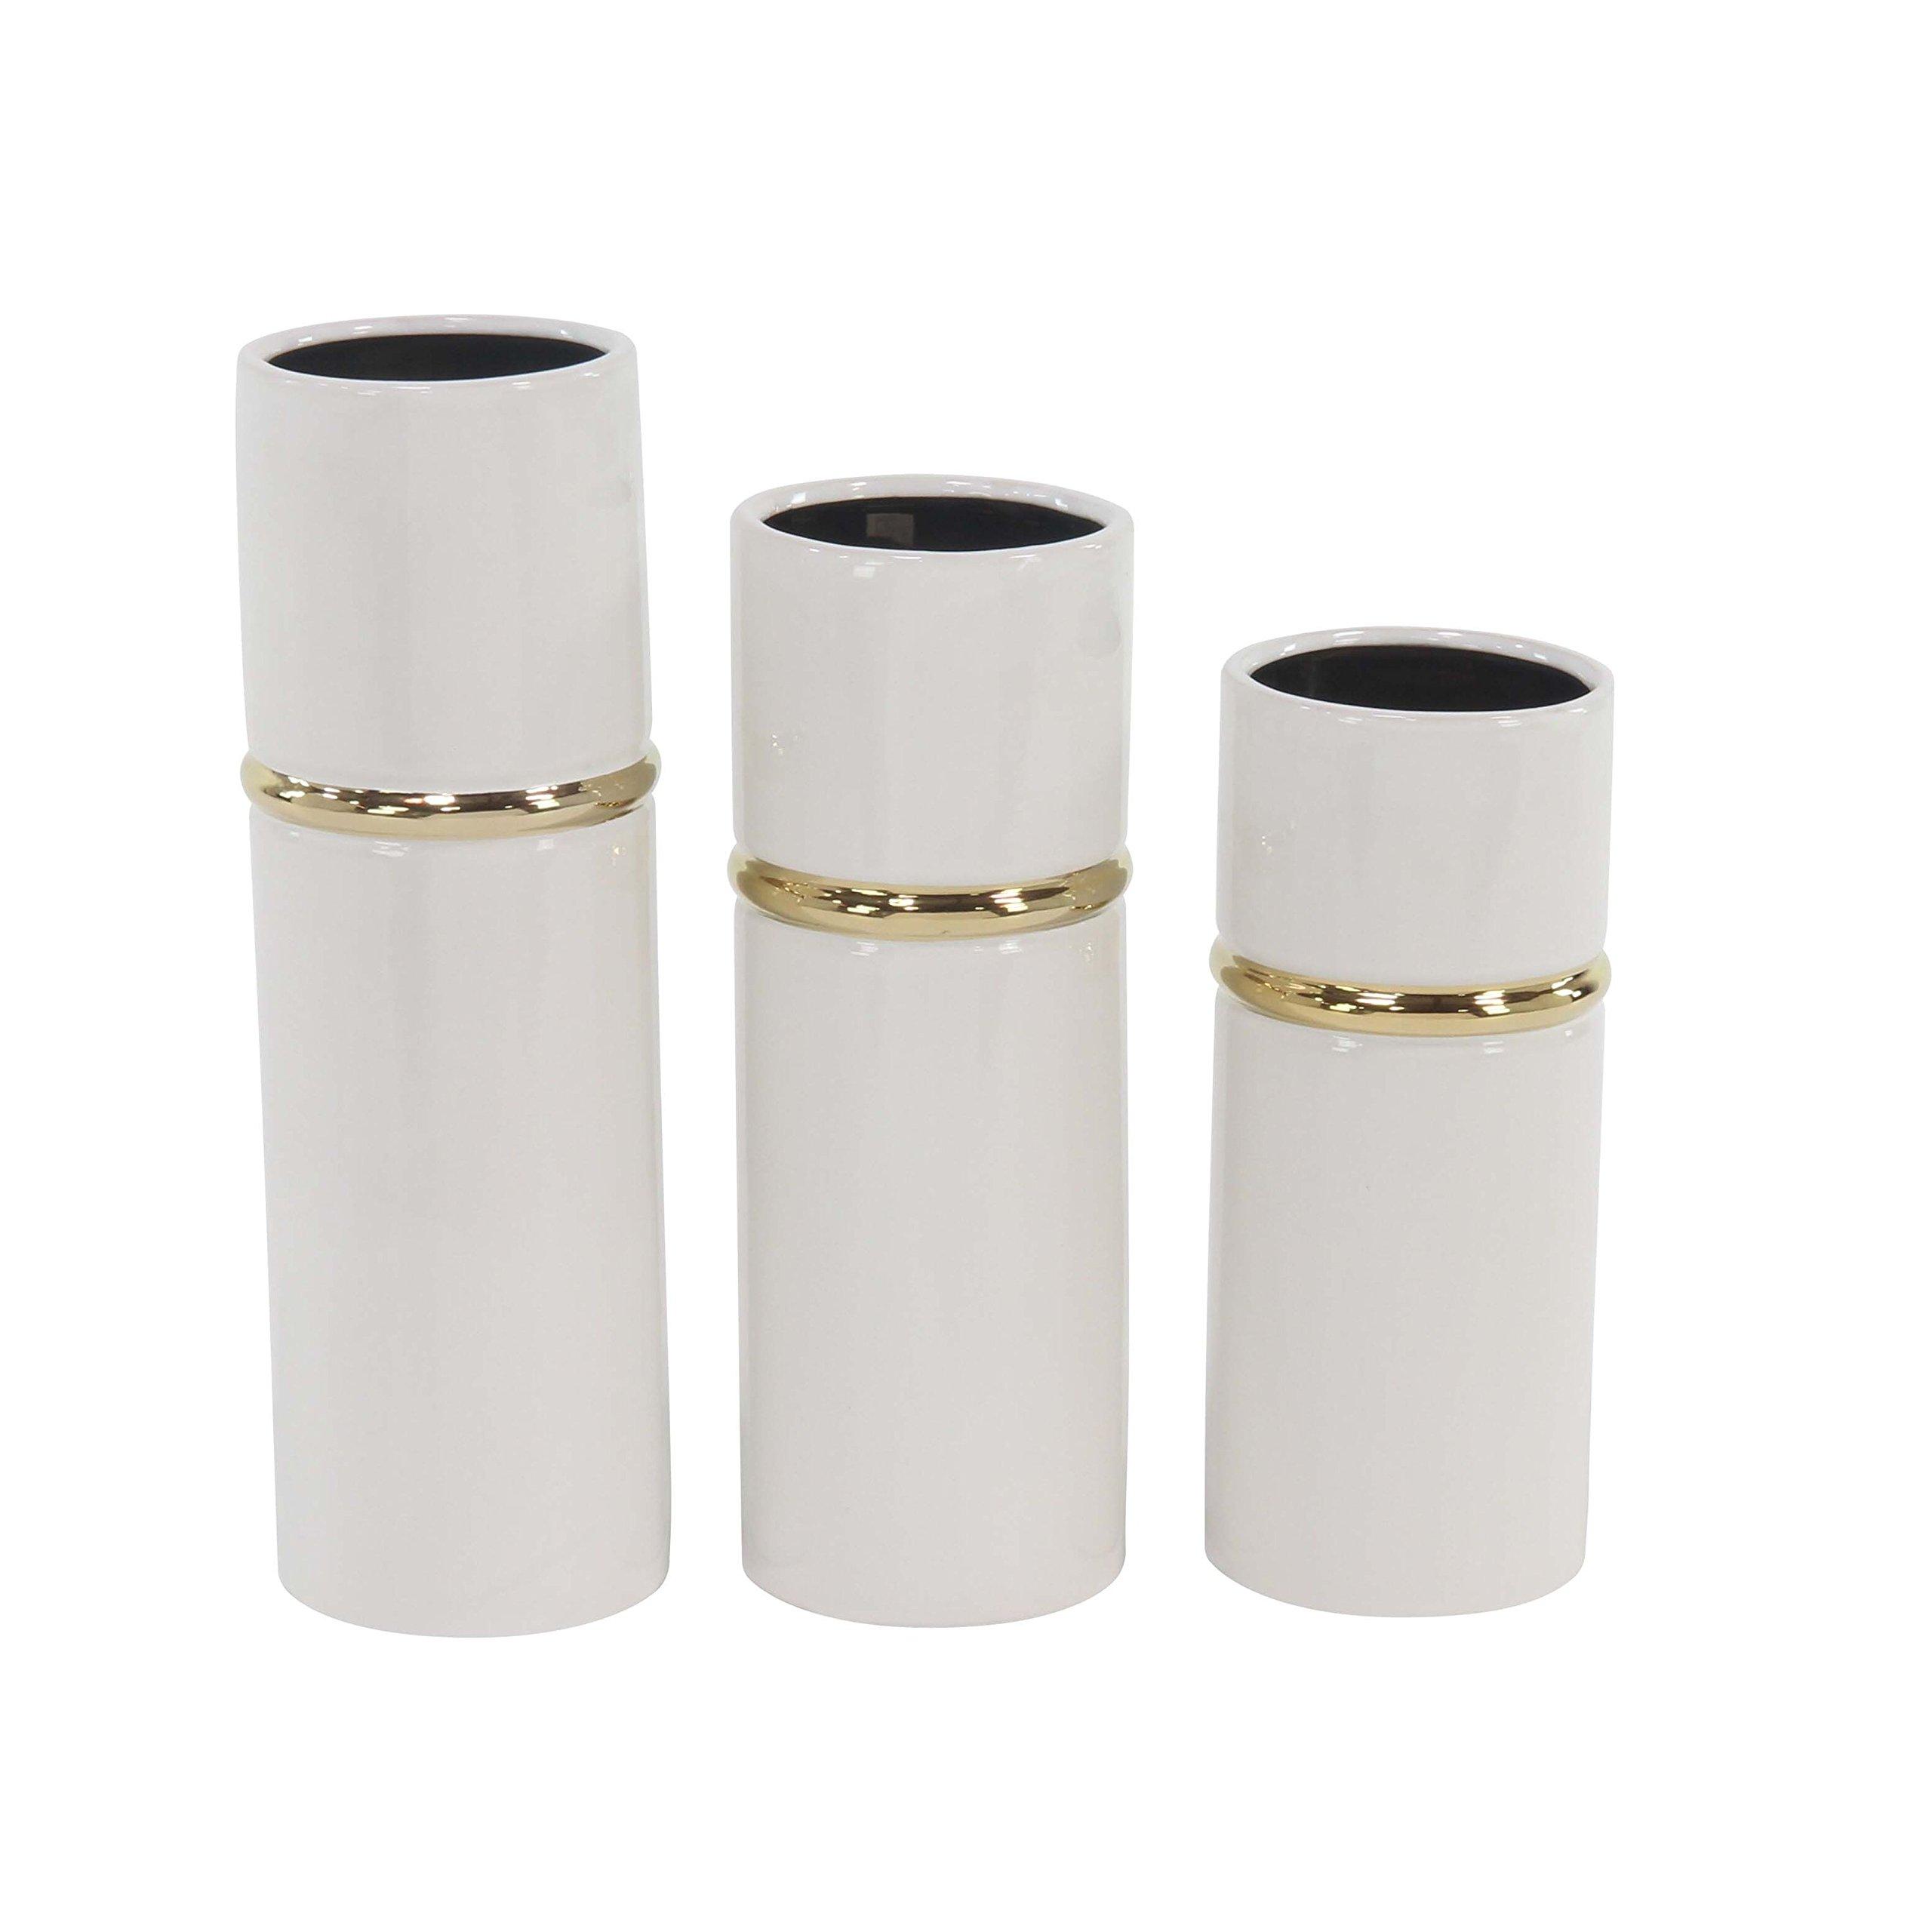 Set of 3 Modern Ceramic Cylindrical White Vases